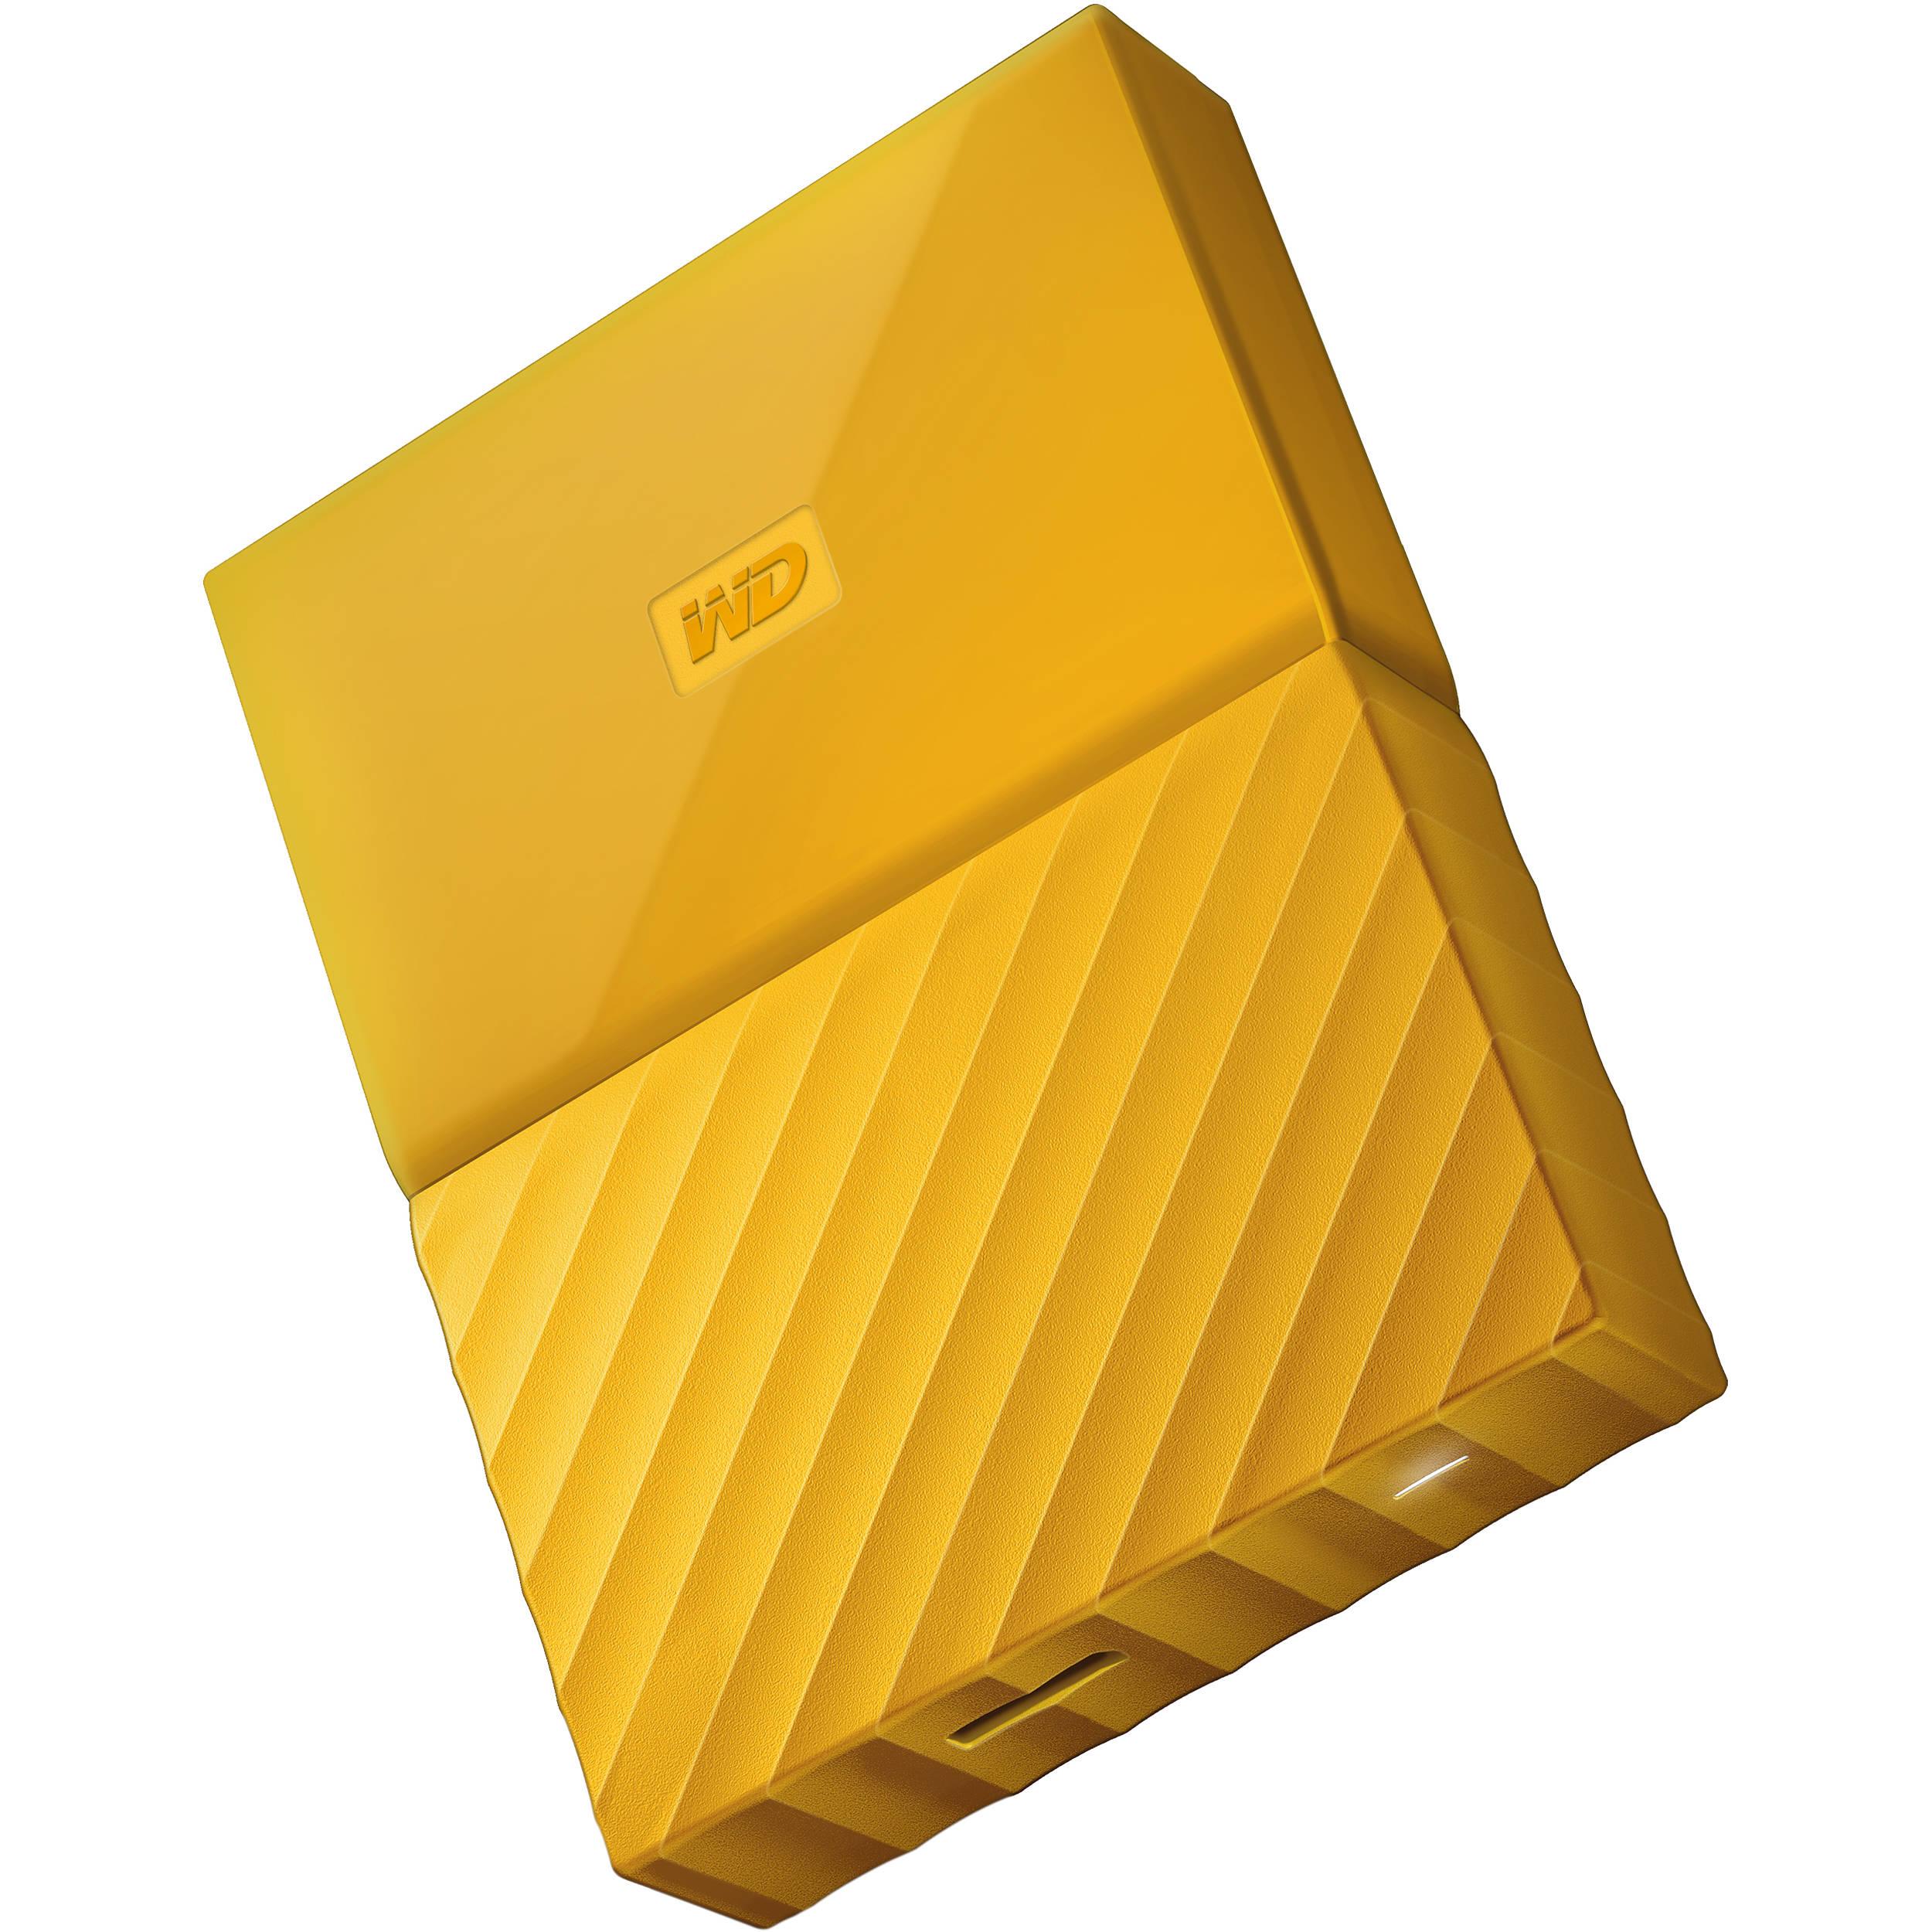 Ổ cứng di động Western Digital My Passport 2Tb USB3.0 - Vàng